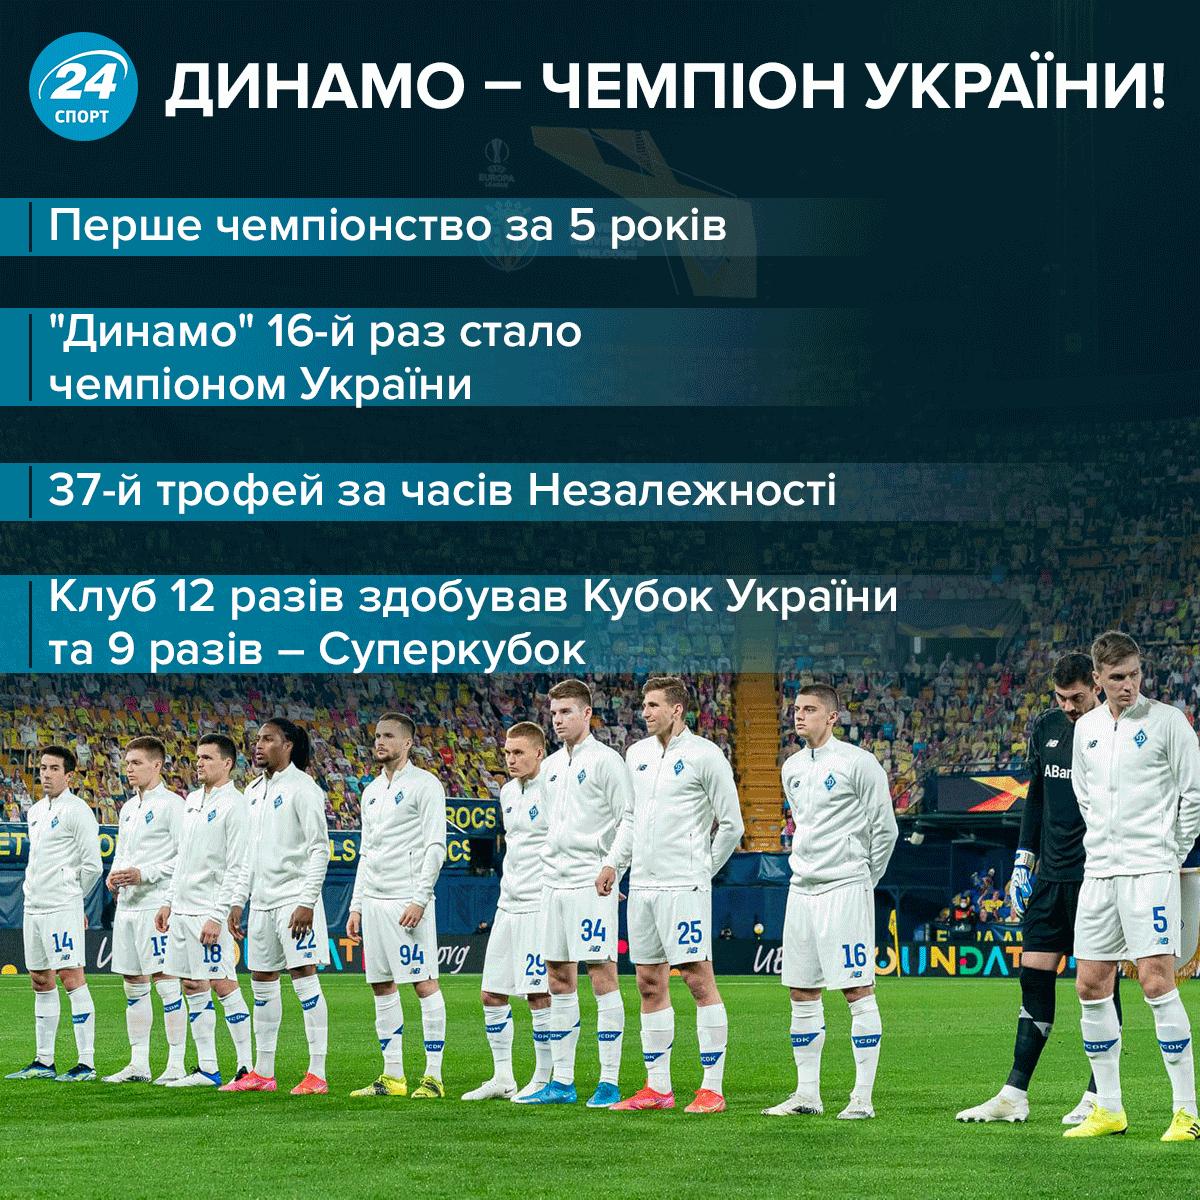 Динамо - чемпіон